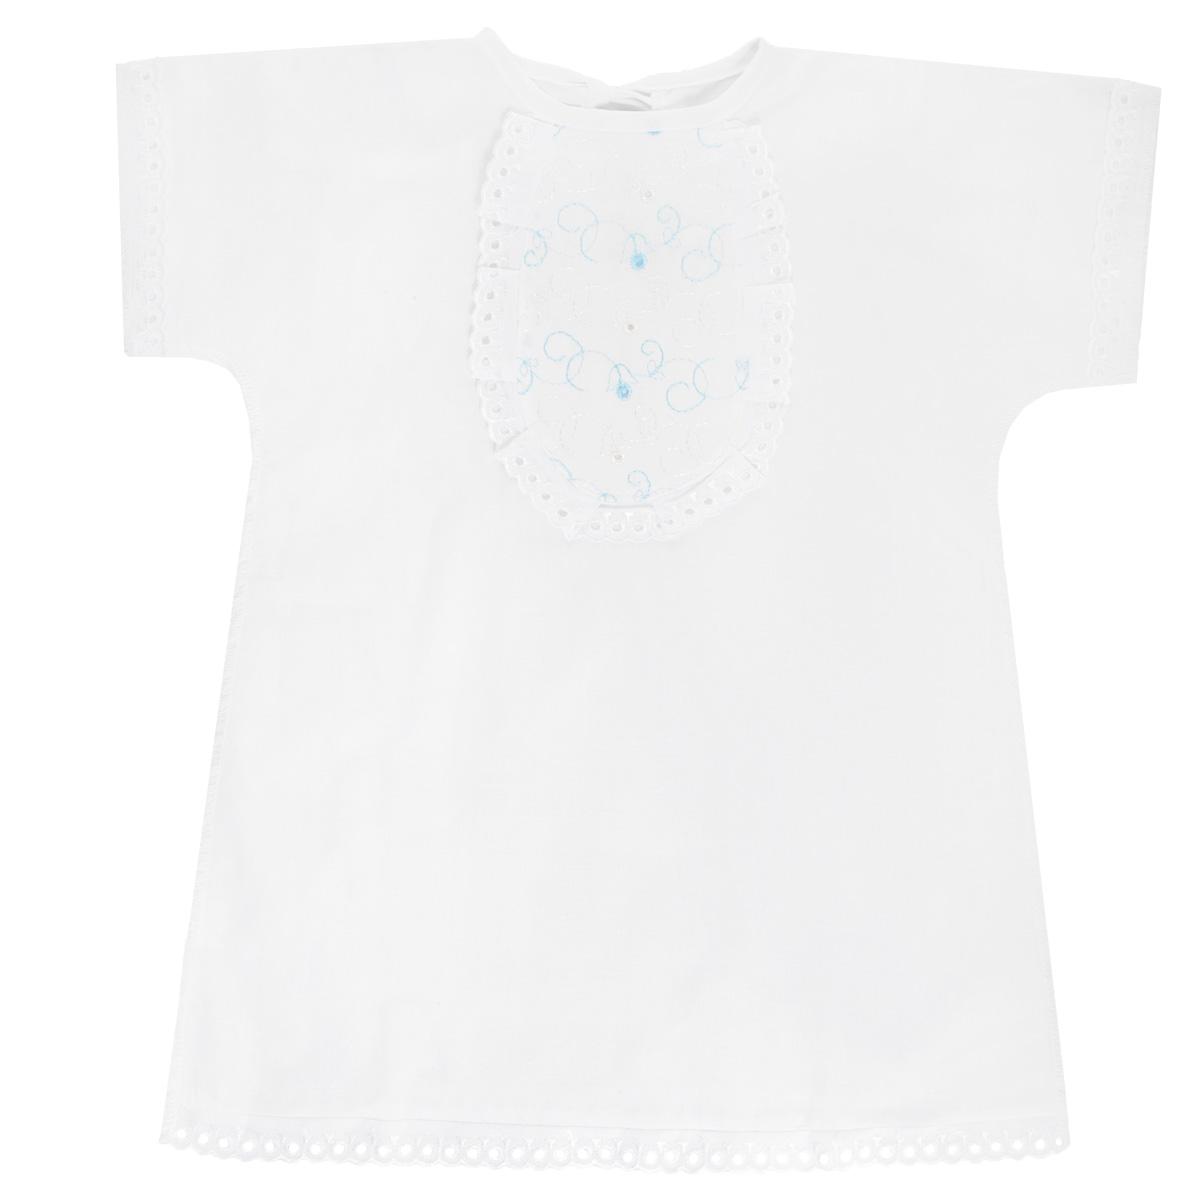 Крестильная рубашка детская Трон-плюс, цвет: белый, голубой. 1135. Размер 68, 6 месяцев1135Крестильная рубашка Трон-плюс, выполненная из натурального хлопка, станет незаменимым атрибутом крещения. Рубашка необычайно мягкая и приятная на ощупь, не сковывает движения младенца и позволяет коже дышать, не раздражает нежную кожу ребенка, обеспечивая ему наибольший комфорт. Рубашка трапециевидной формы с короткими рукавами имеет две завязки сзади, которые помогают с легкостью переодеть младенца. Украшена рубашка отделкой в виде жабо. Низ рукавов и низ изделия оформлены ажурными петельками. По бокам рубашечка дополнена двумя небольшими разрезами. Швы выполнены наружу.Благодаря такой рубашке ваш ребенок не замерзнет, и будет выглядеть нарядно.